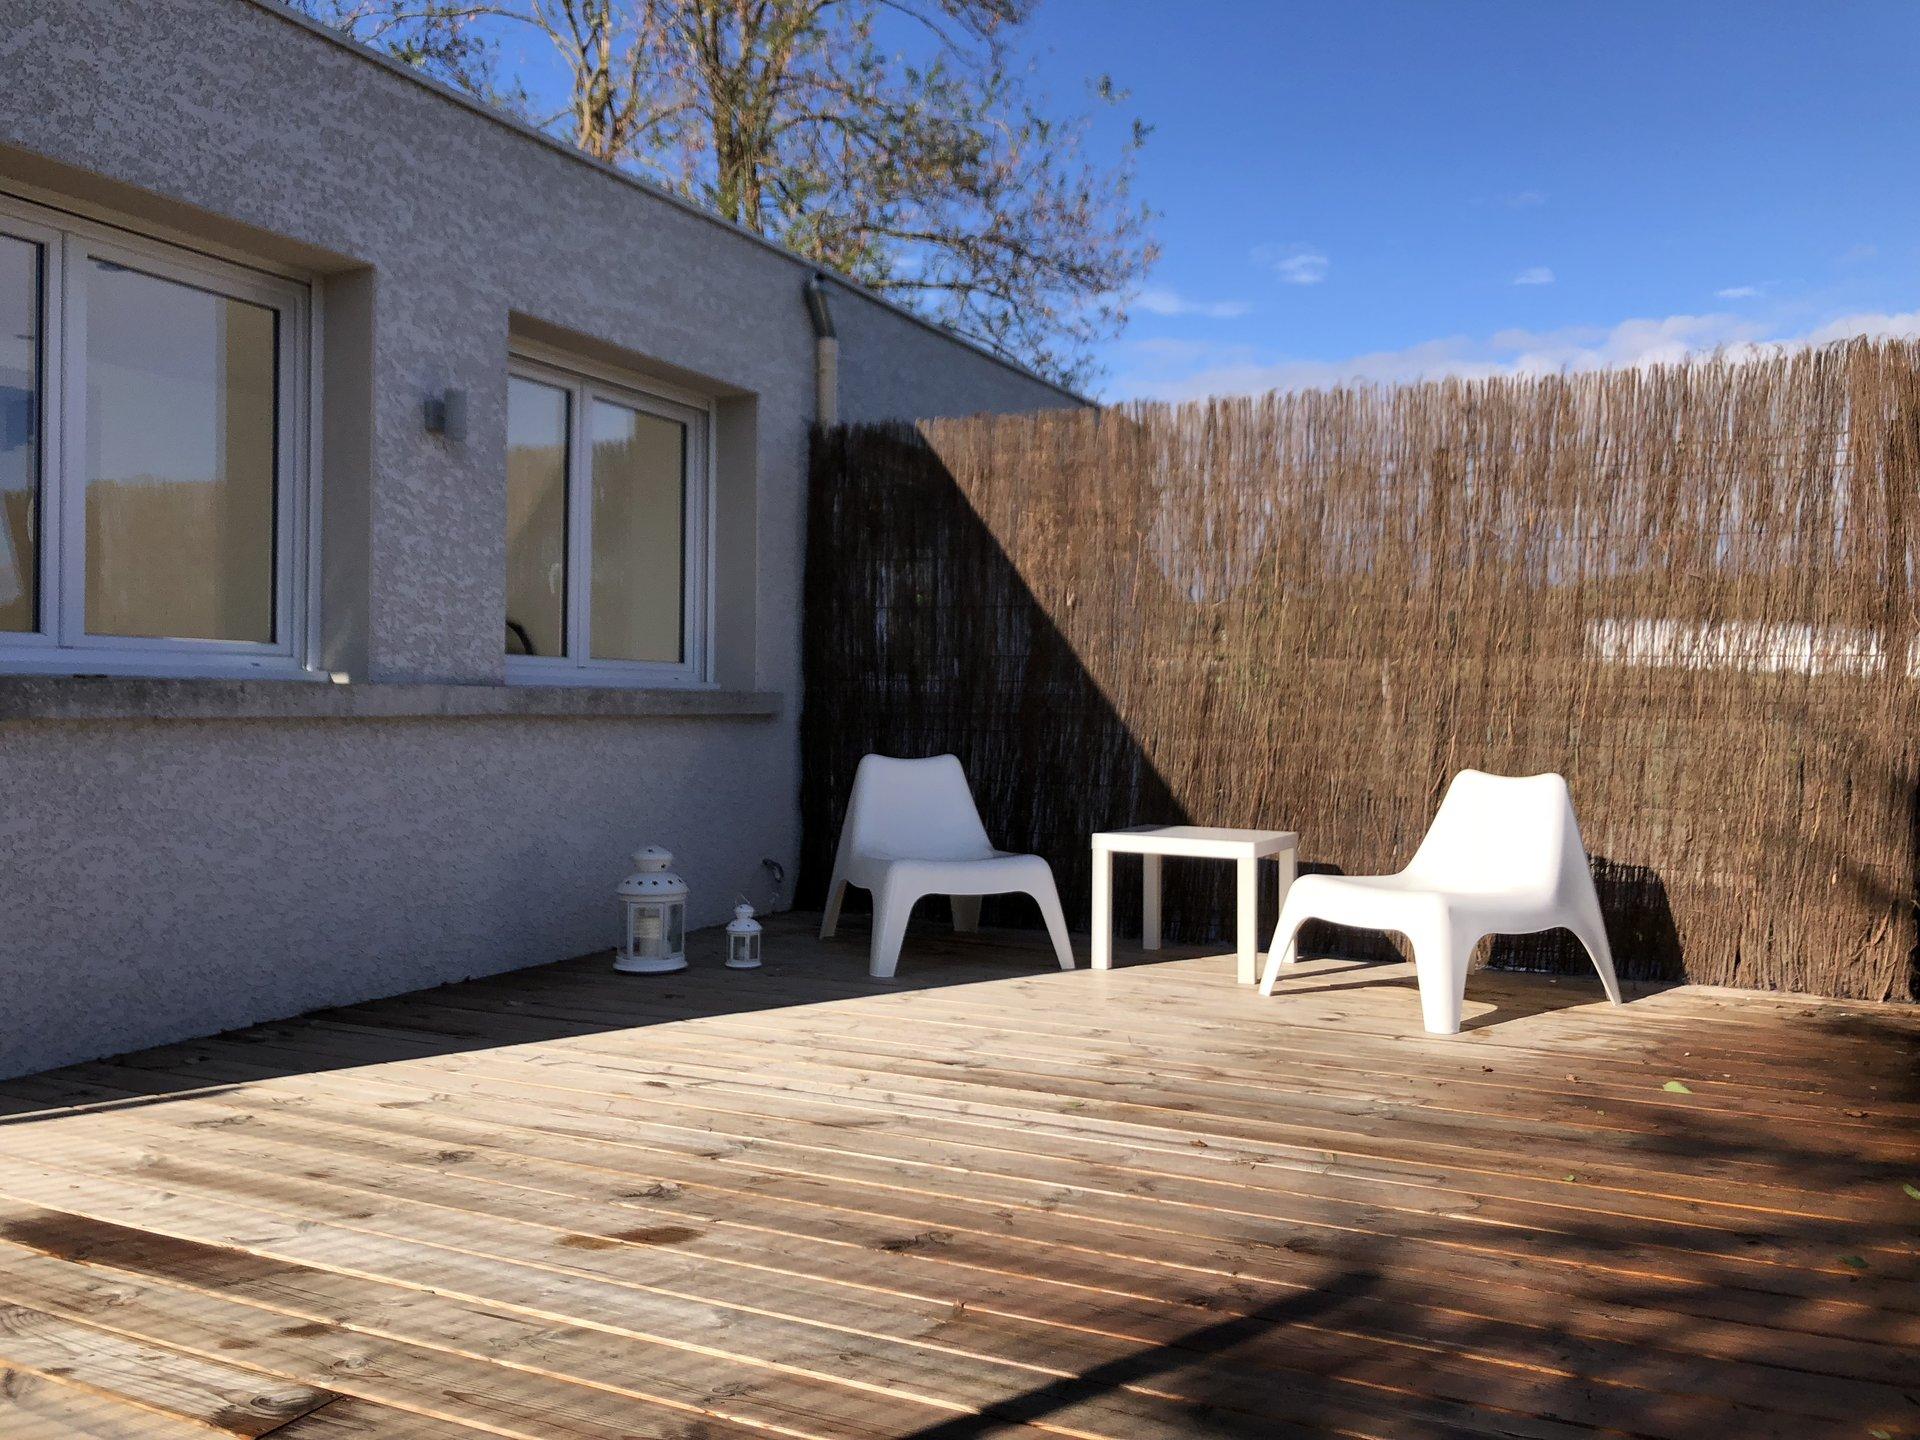 Loué par notre agence - Duplex Meublé avec Terrasse et parking